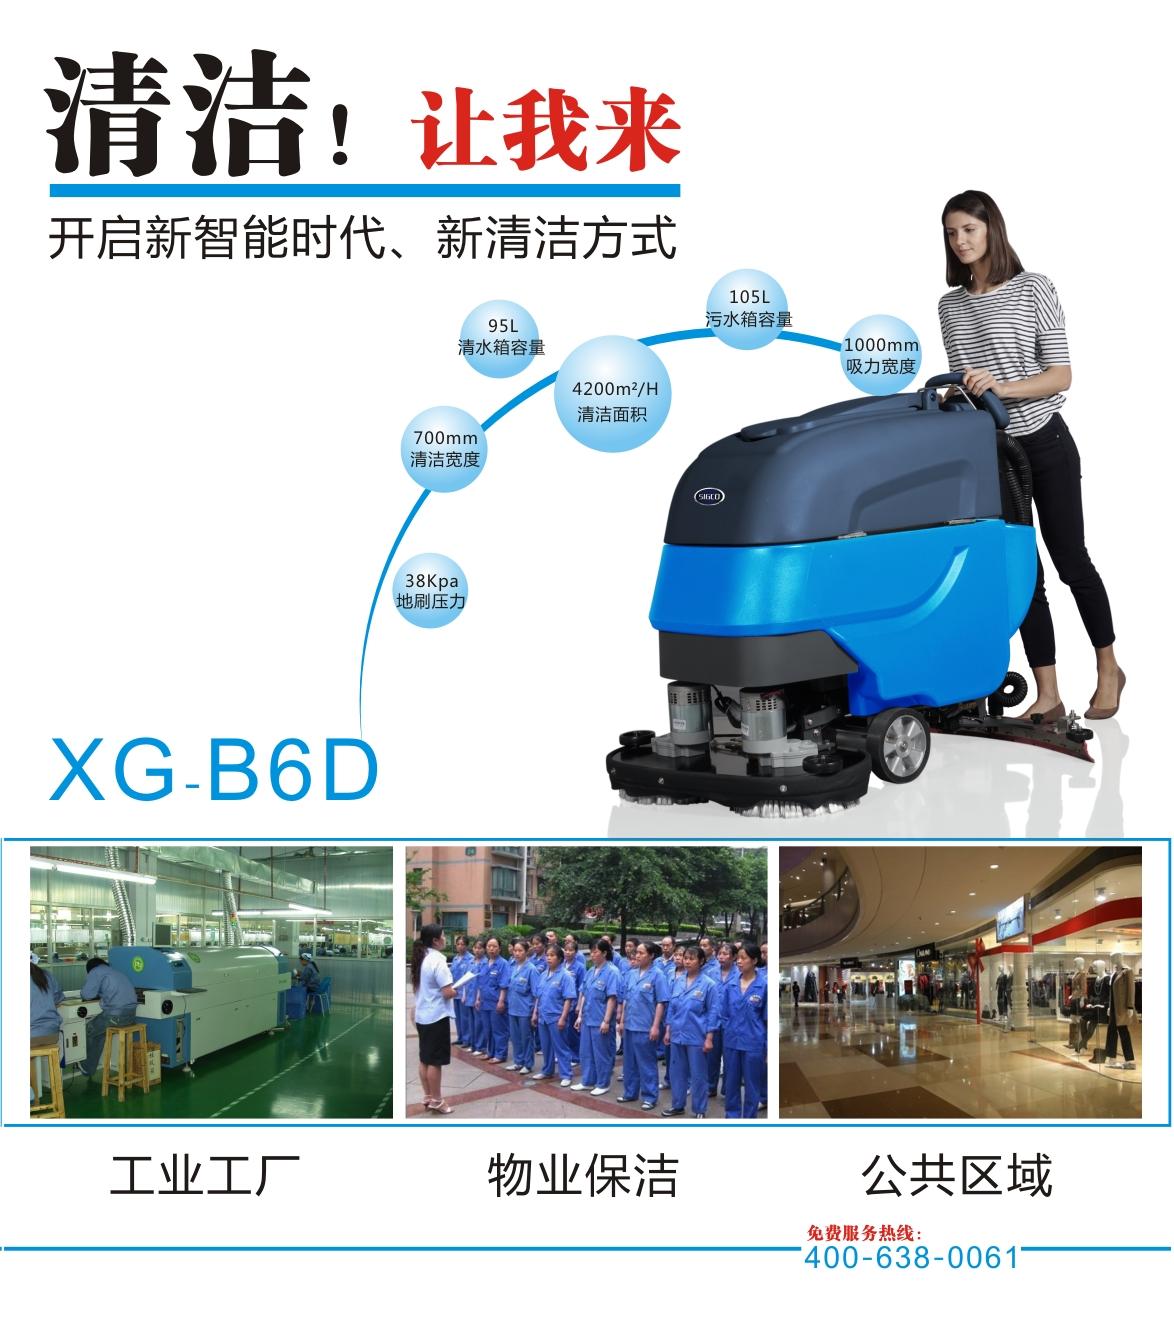 XG-B6D-2.jpg